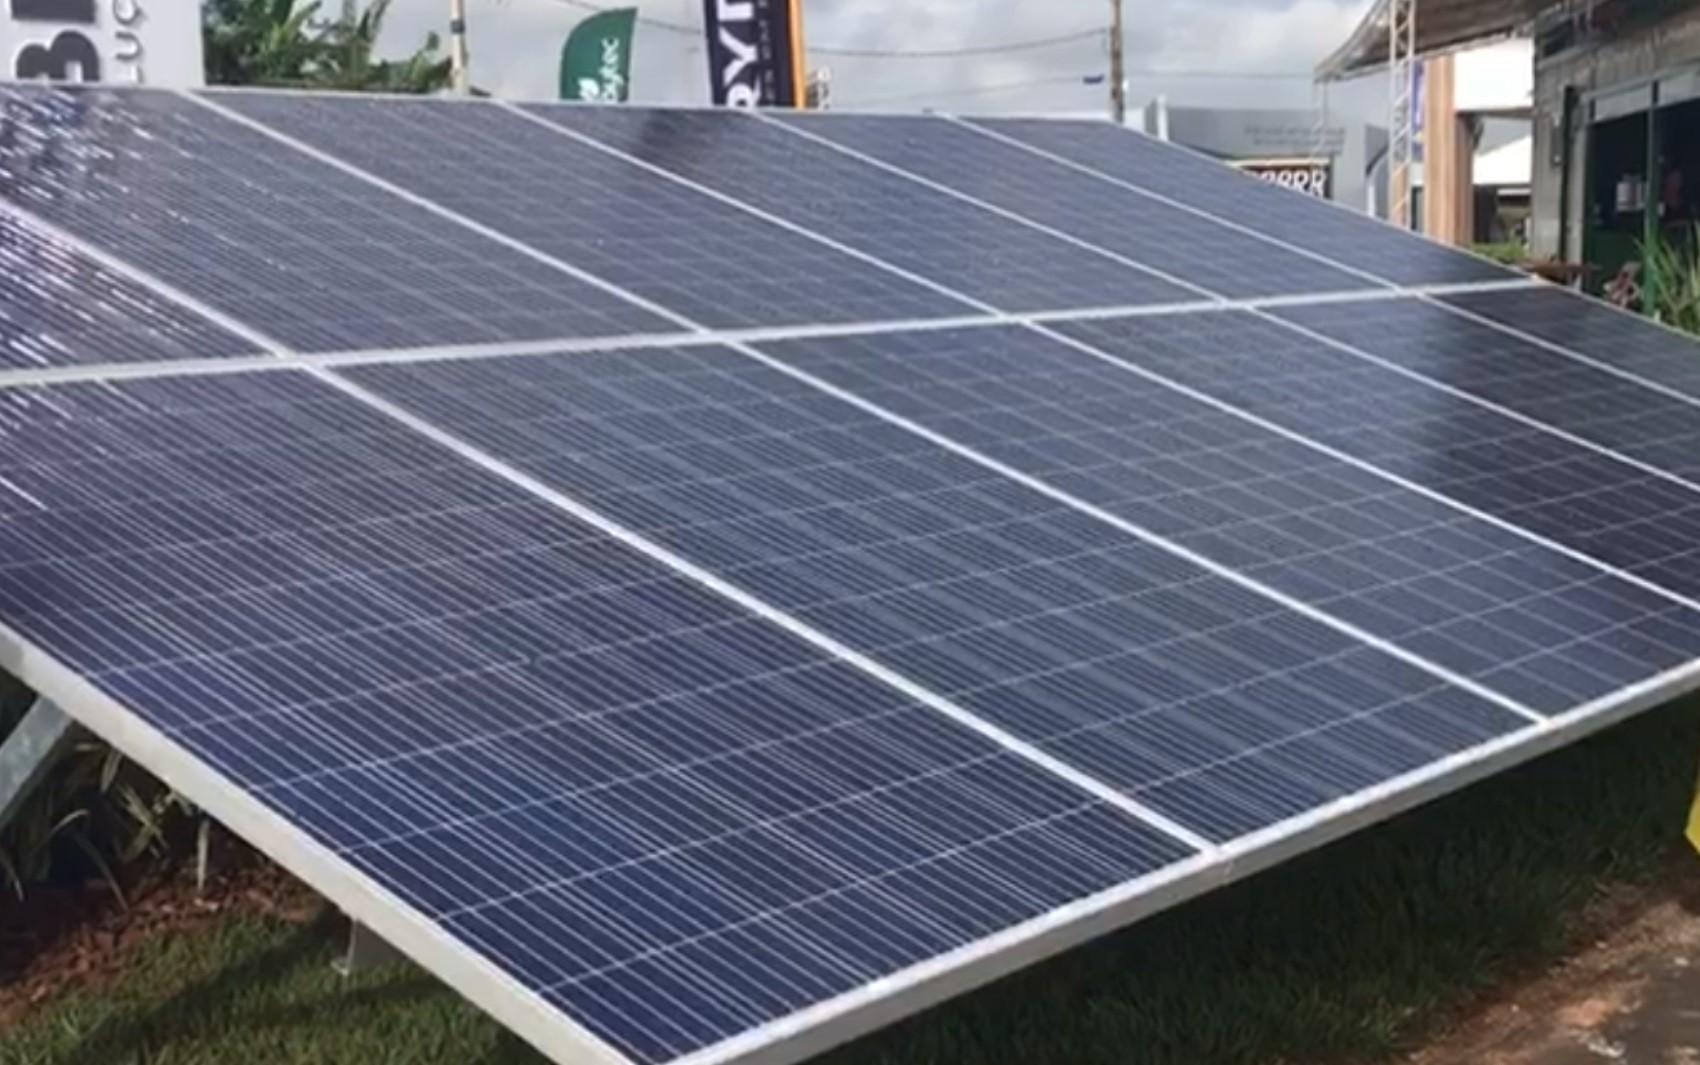 Abertas inscrições para palestra sobre energia solar em Petrolina - Noticias